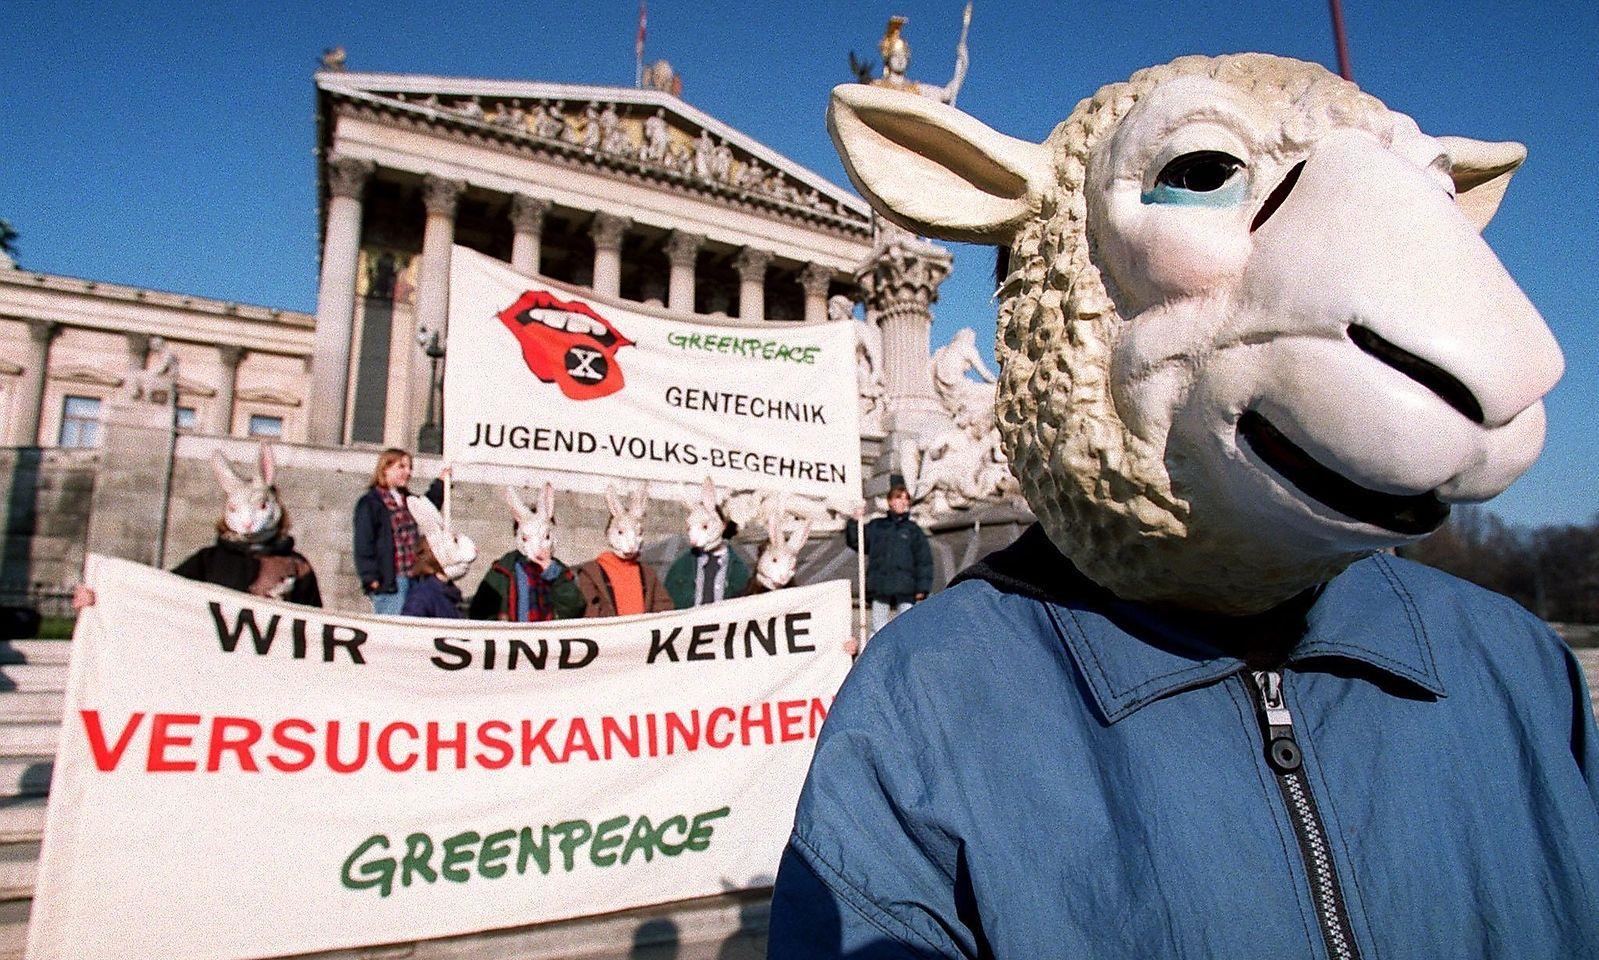 Greenpeace ´Wir sind keine Versuchskaninchen´